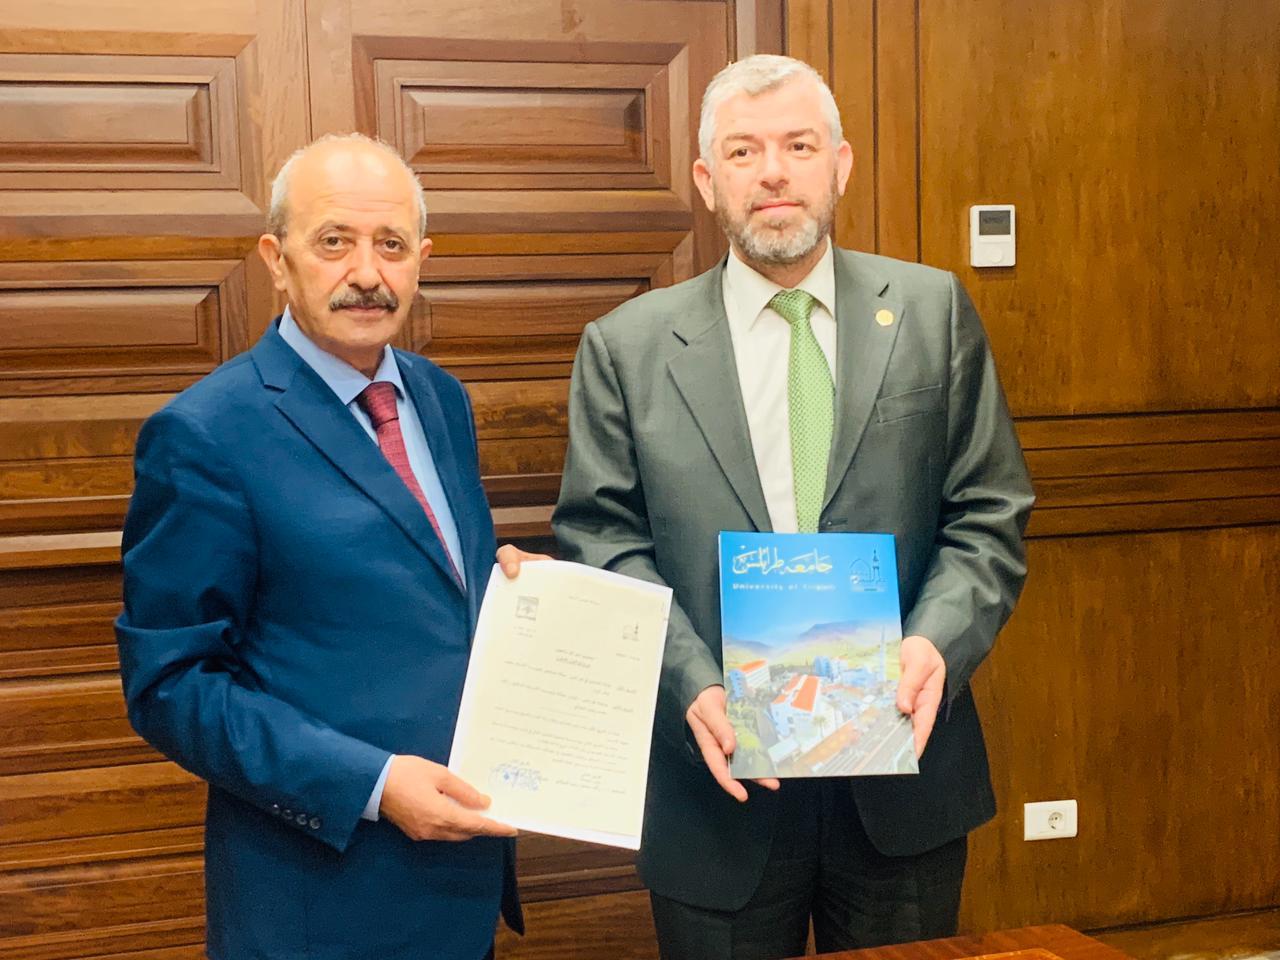 جامعة طرابلس توقع بروتوكول تعاون مع نقابة المحامين في طرابلس (2/4)